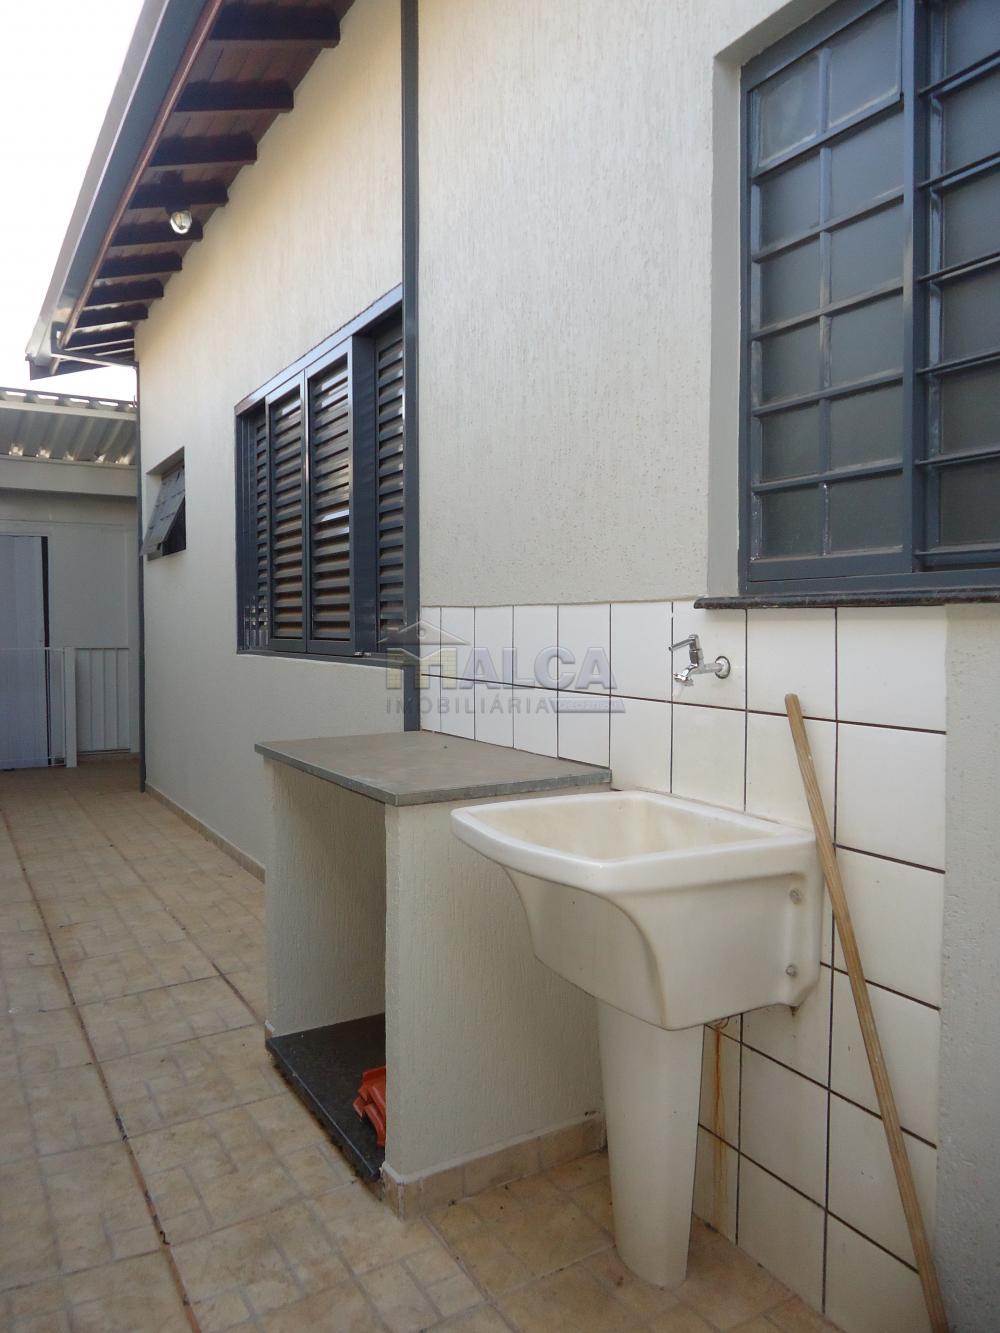 Alugar Casas / Padrão em São José do Rio Pardo apenas R$ 2.450,00 - Foto 42